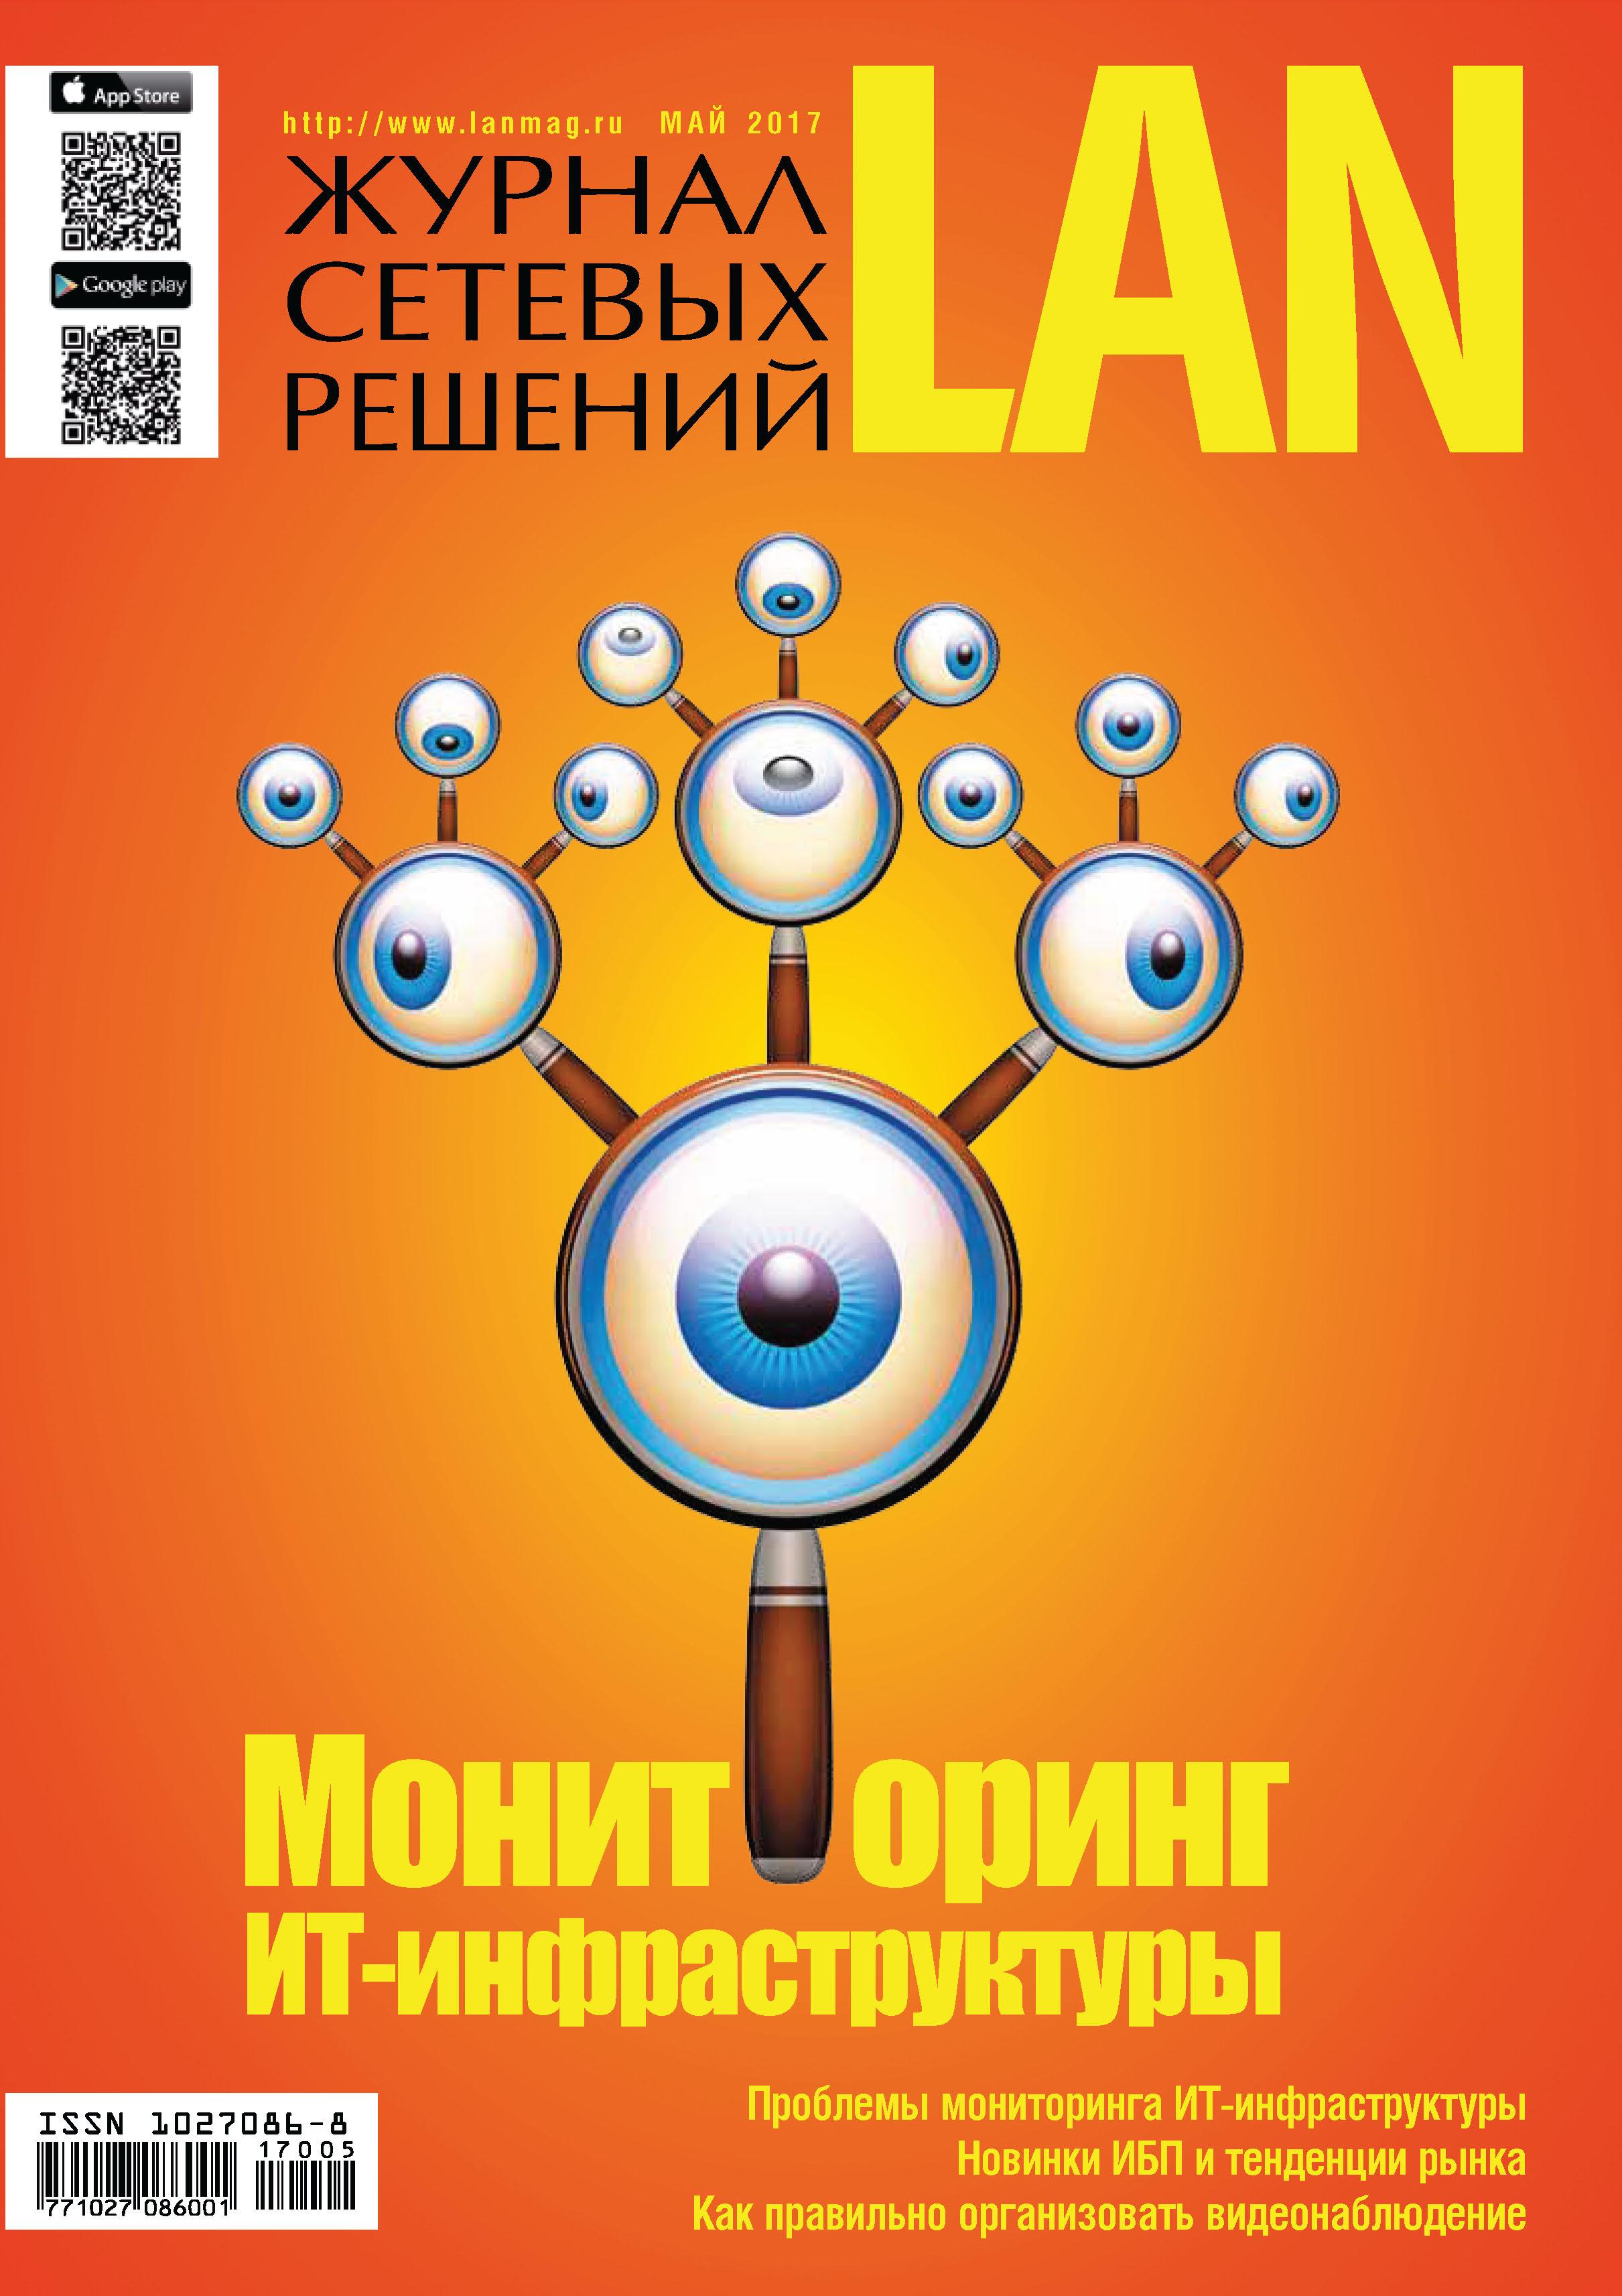 Открытые системы Журнал сетевых решений / LAN №05/2017 цены онлайн